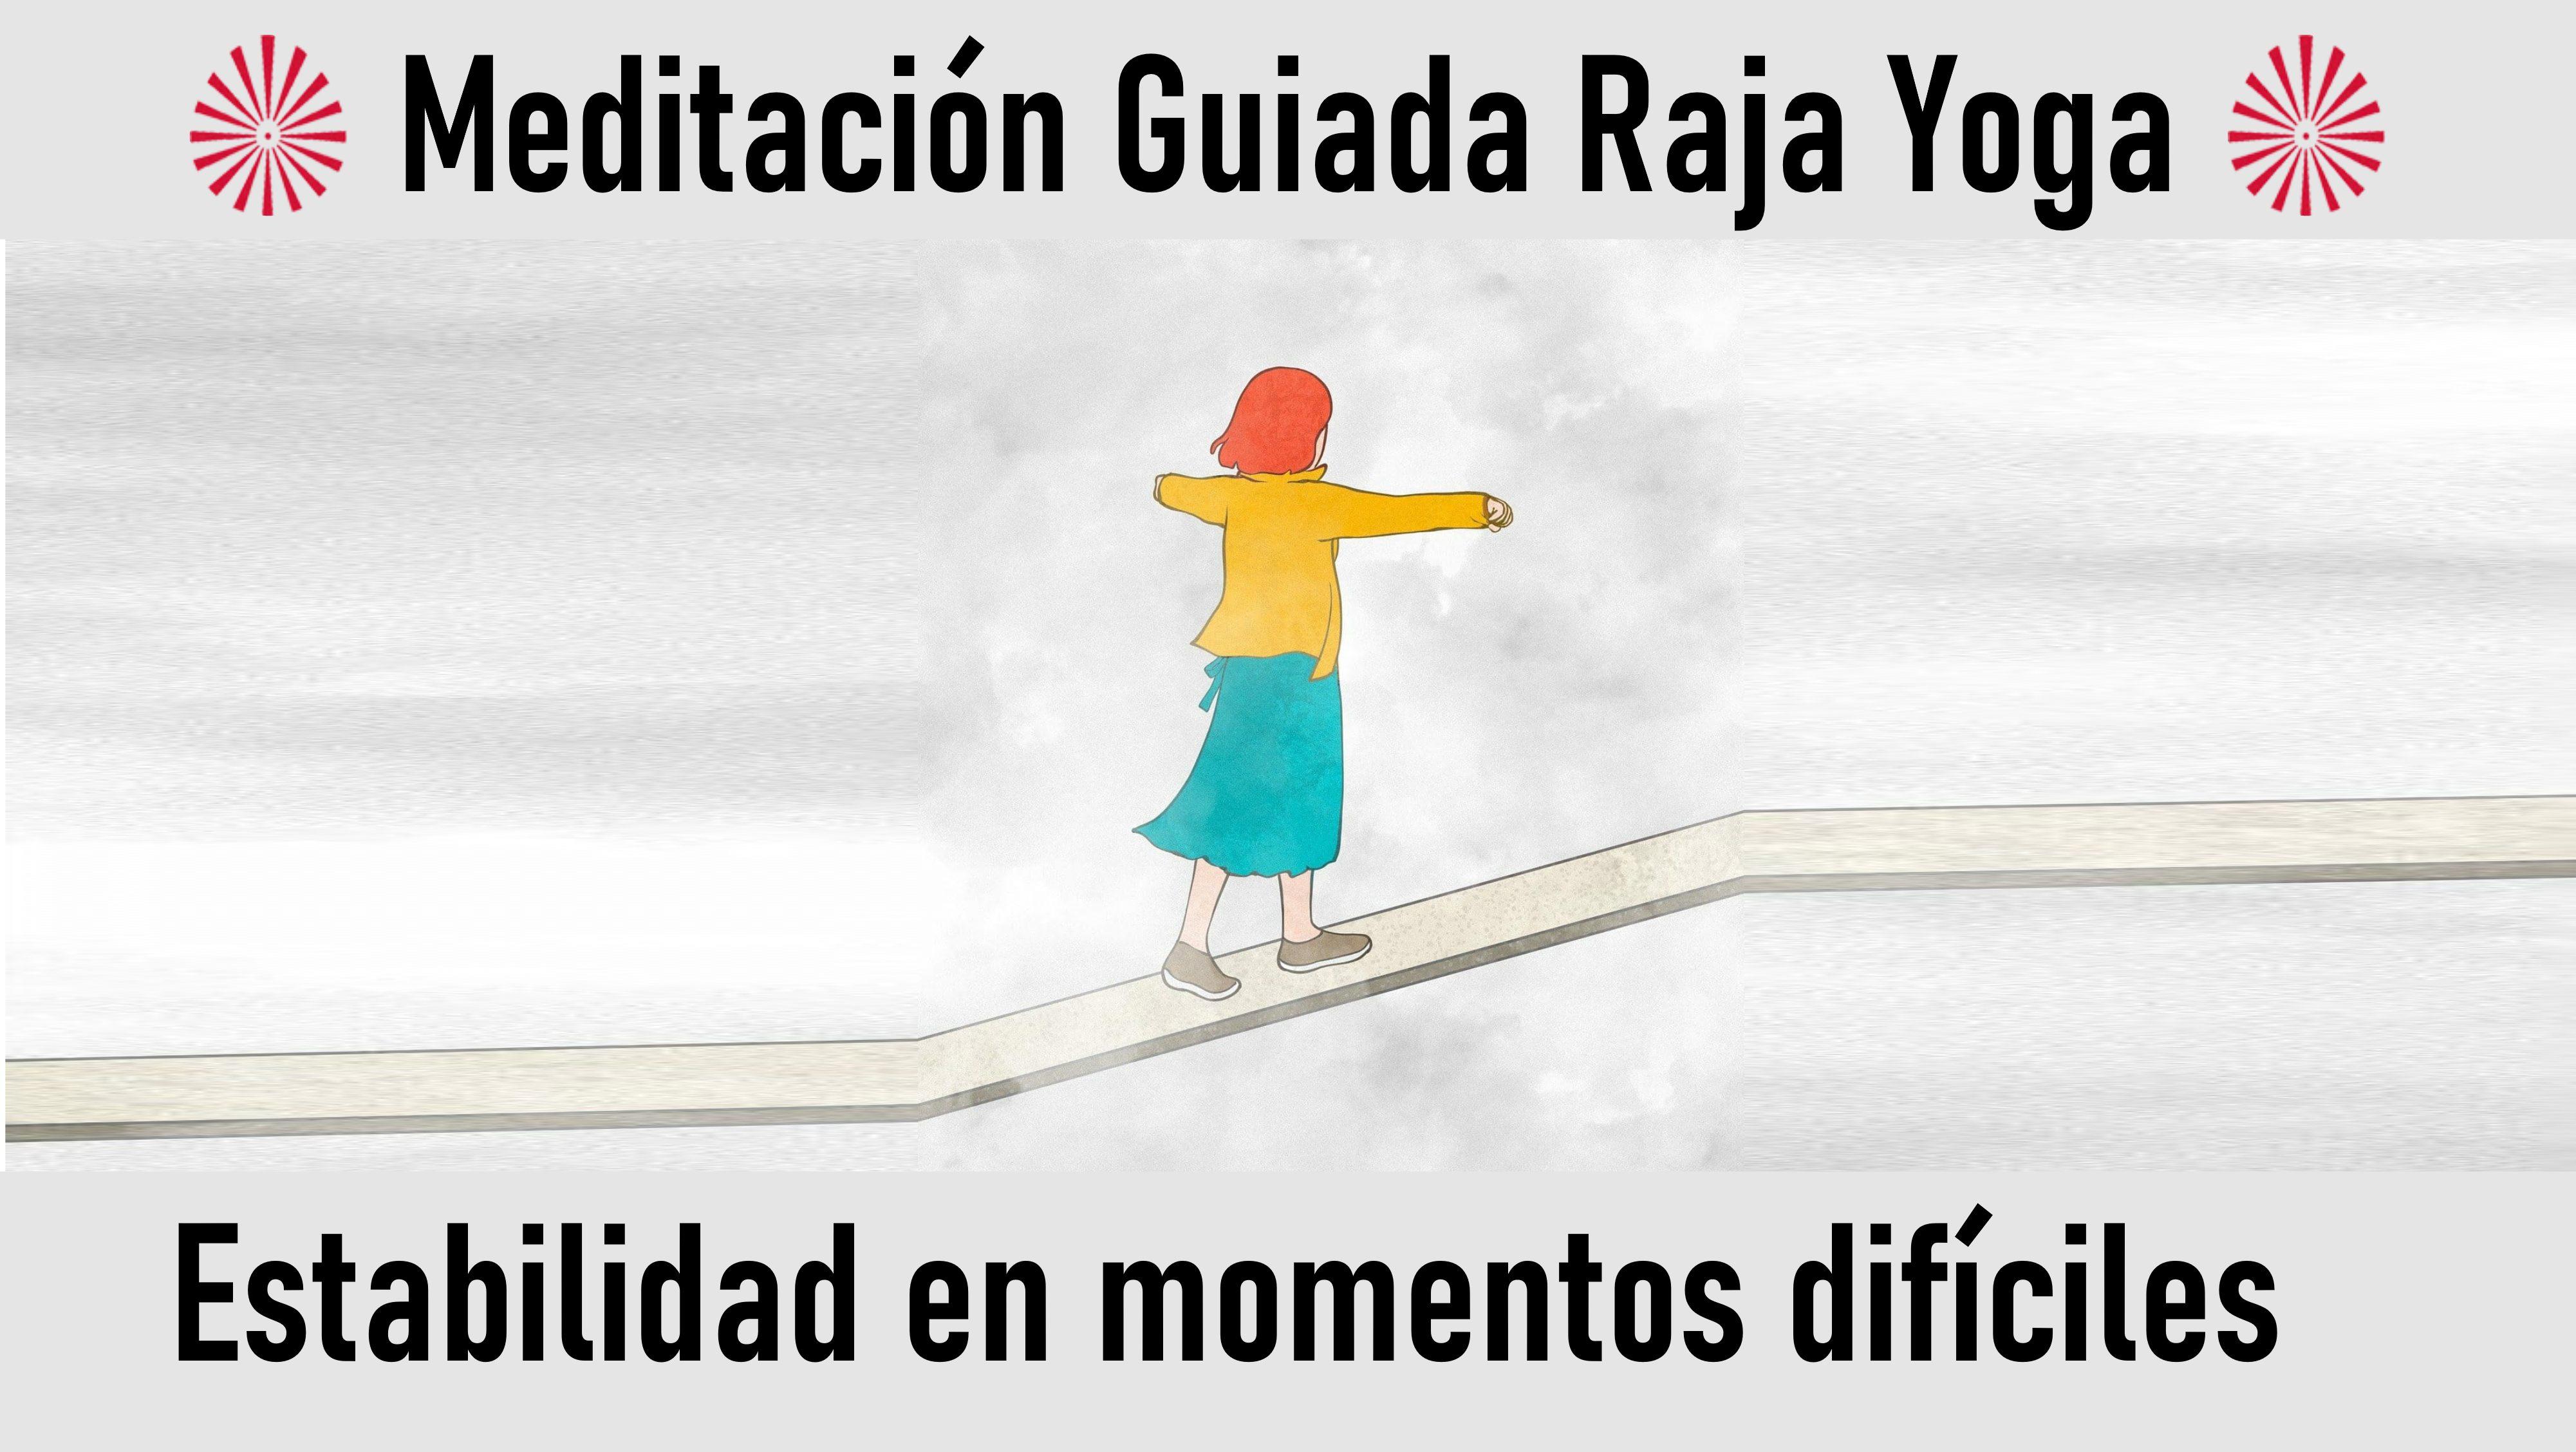 Meditación Raja Yoga: Estabilidad en momentos difíciles (13 Julio 2020) On-line desde Madrid